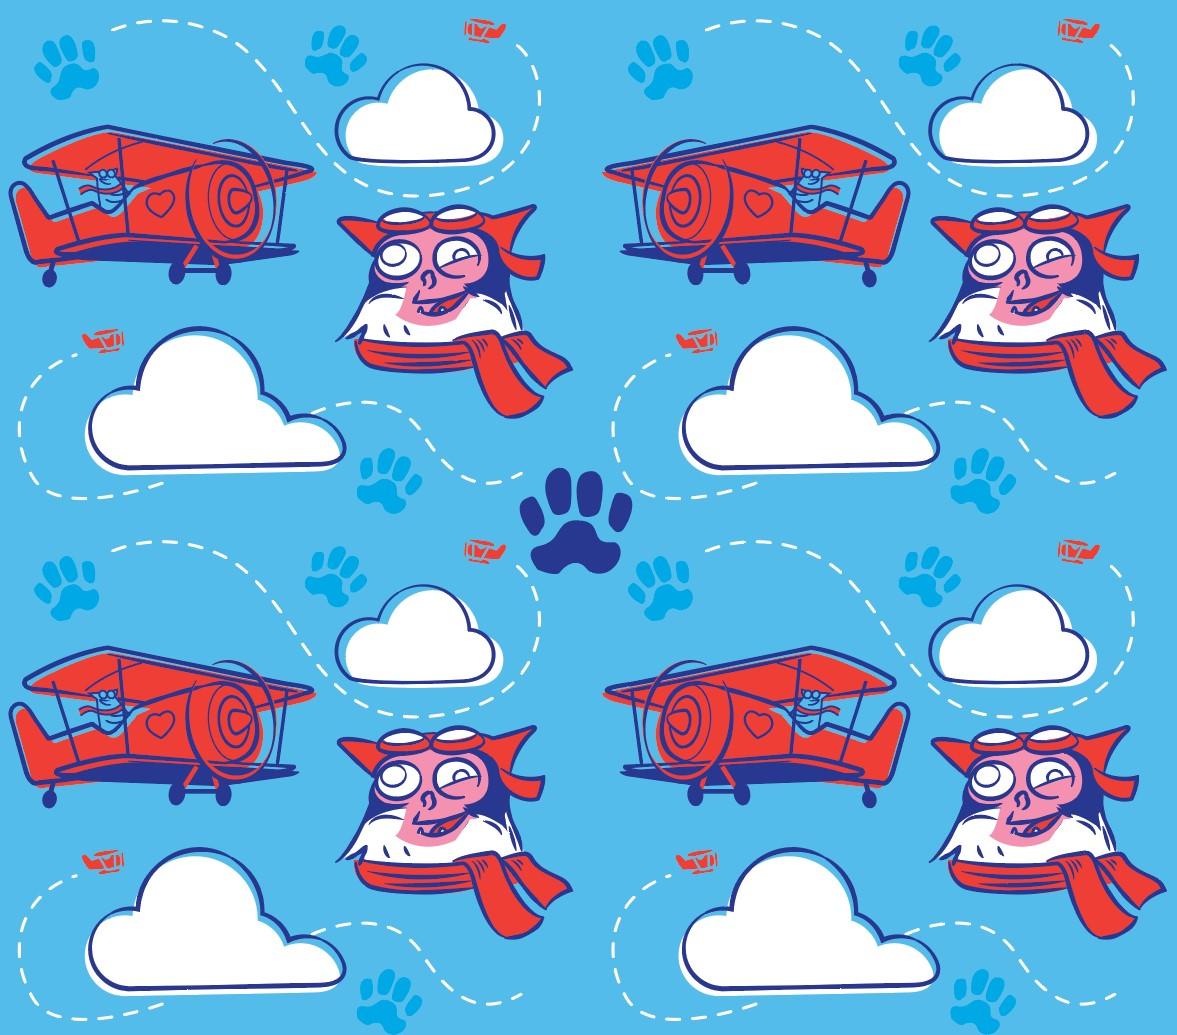 chase_biplane_patternLOWRESfpo.jpg